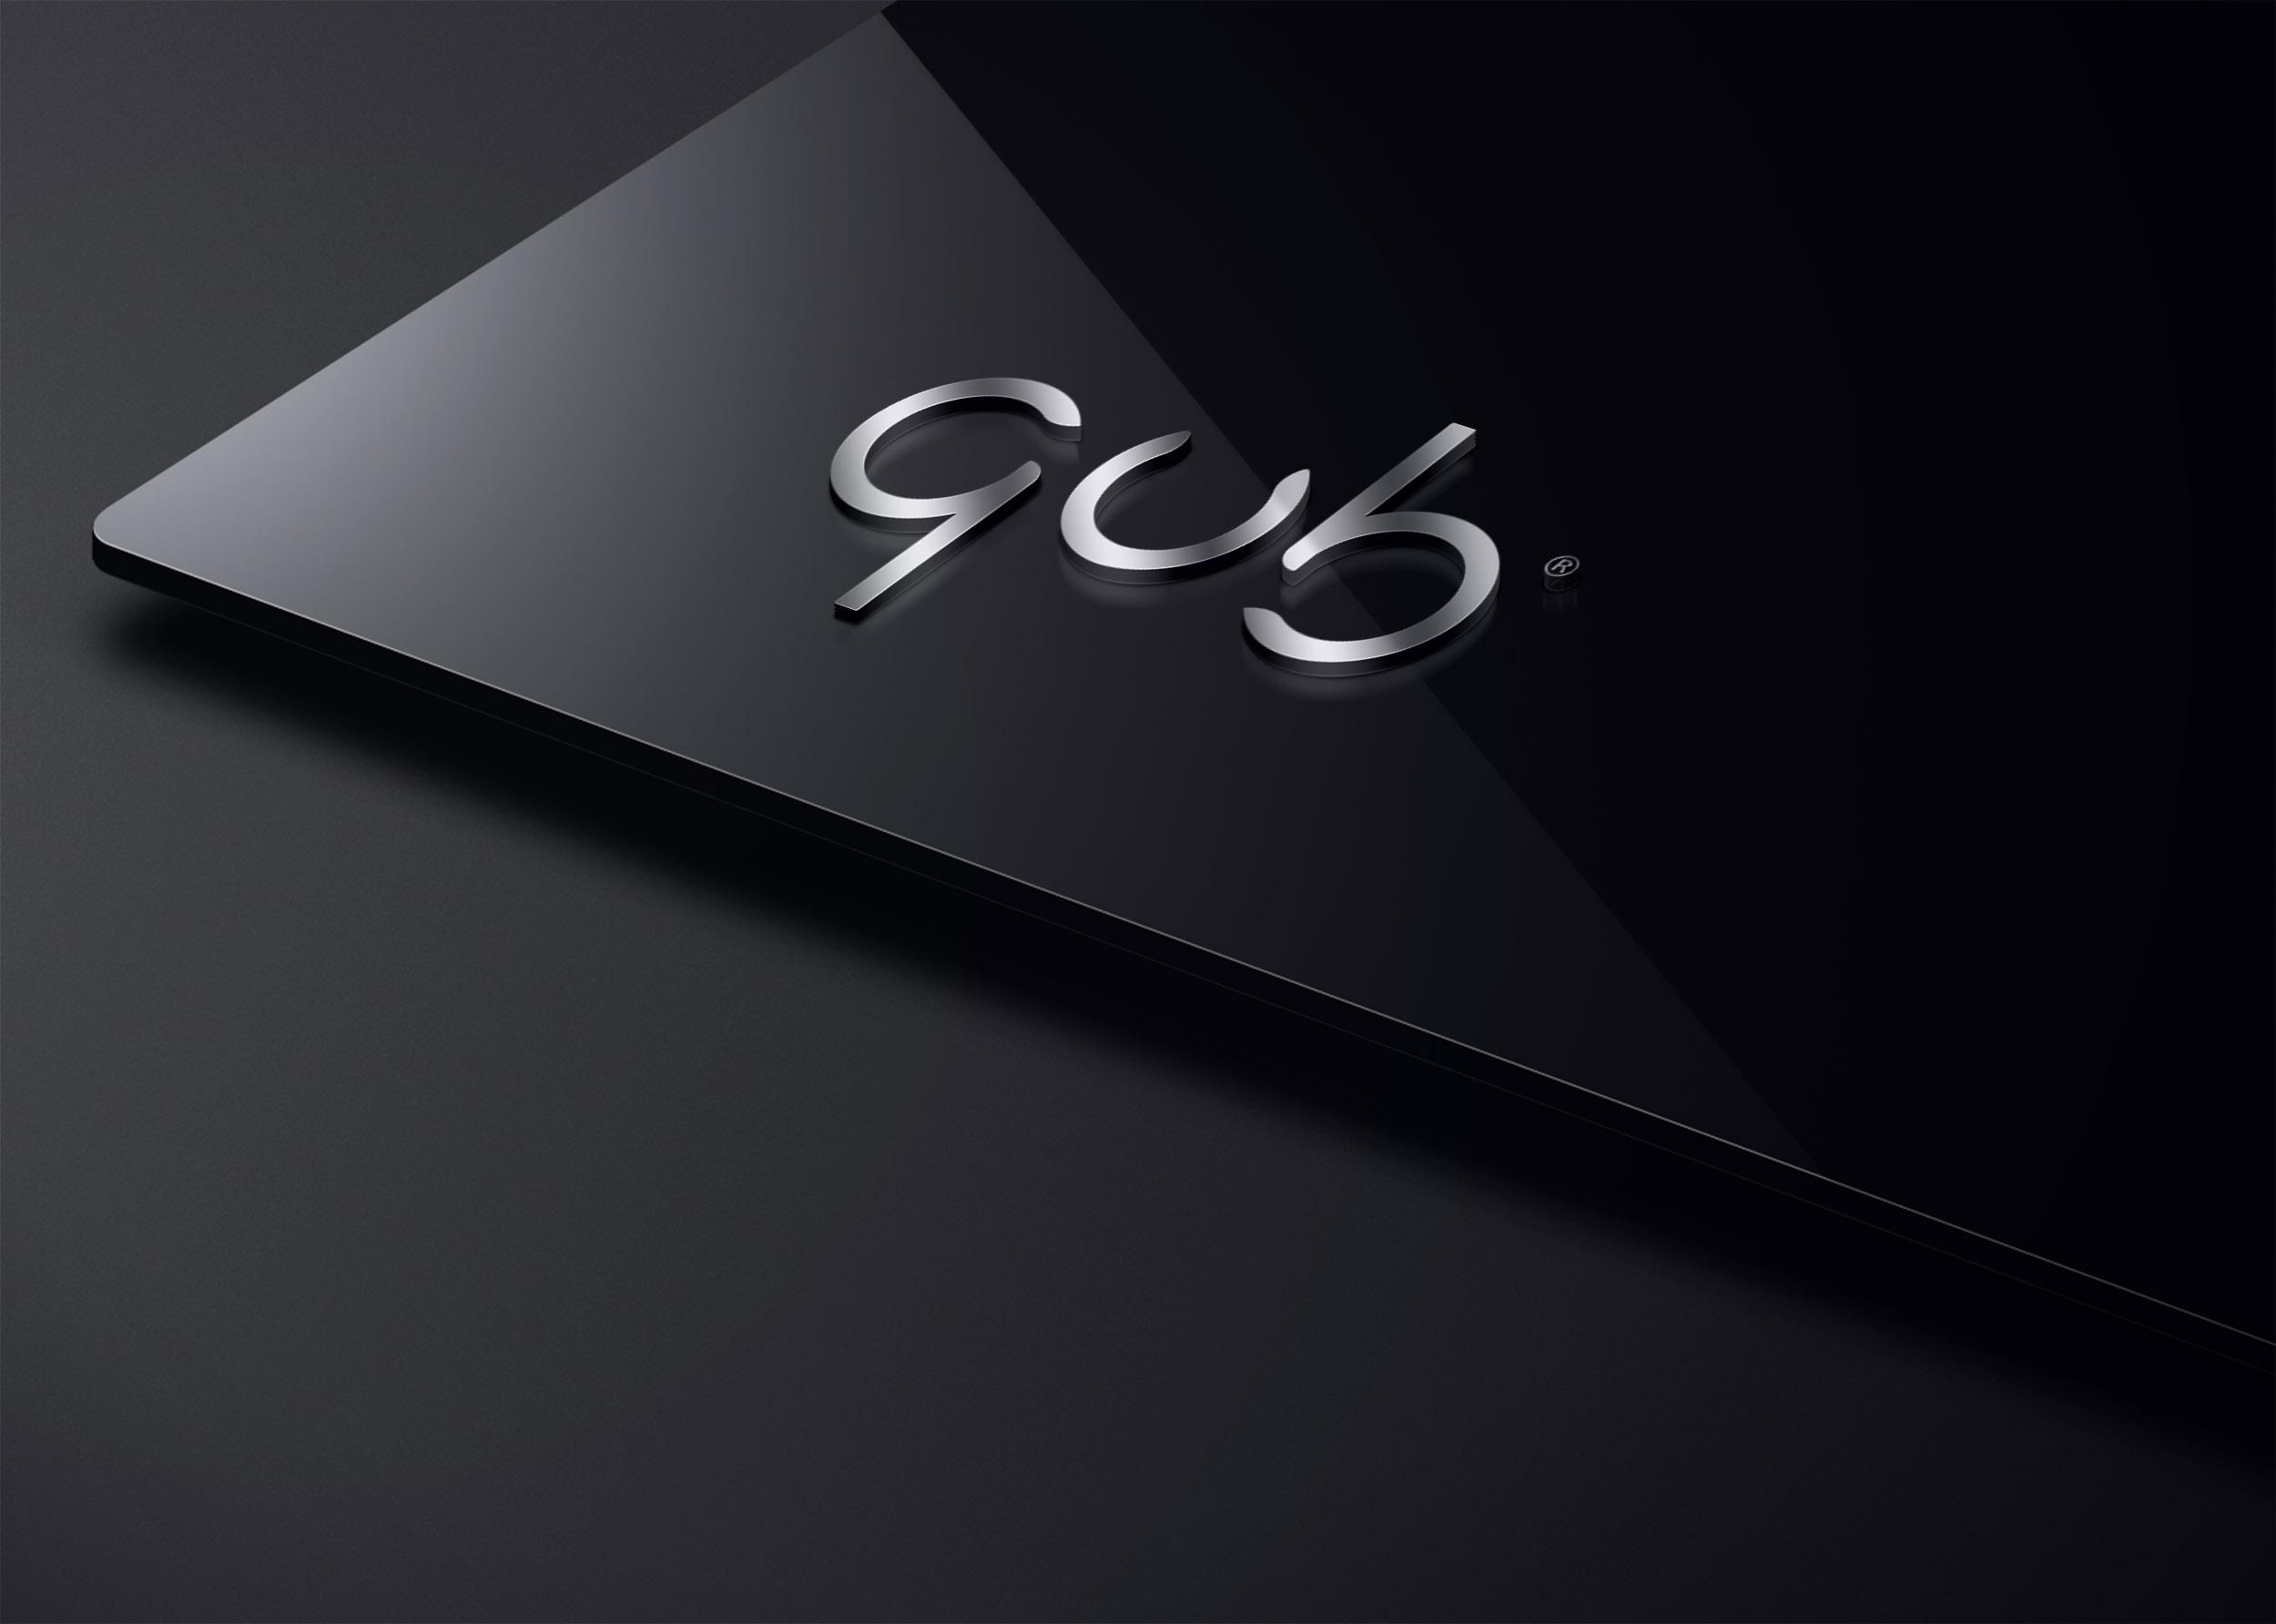 Разработка логотипа и фирменного стиля для ТМ фото f_0305f22e1460563c.jpg